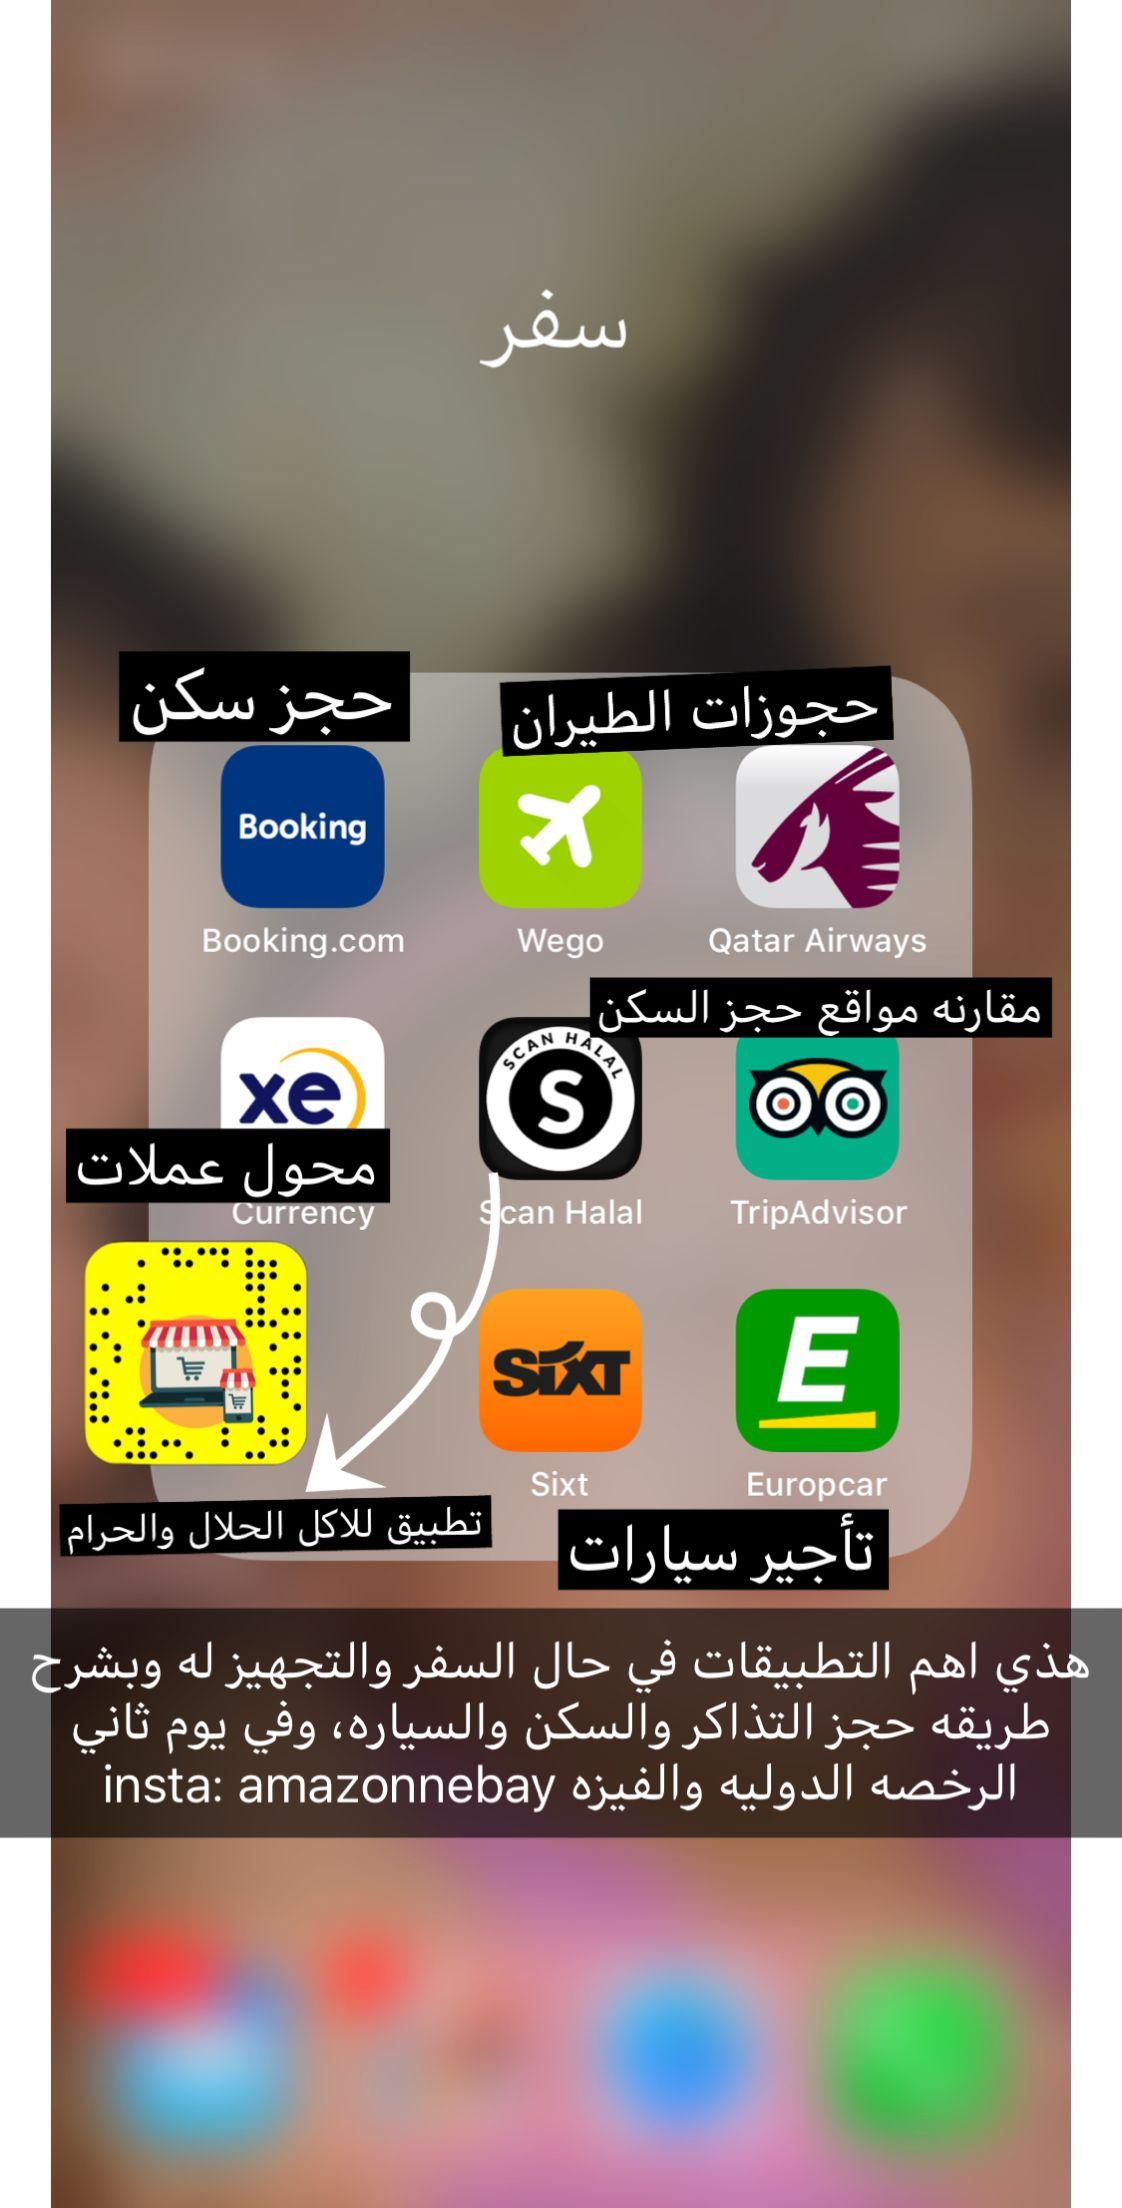 موبايل Application Android App Layout Programming Apps